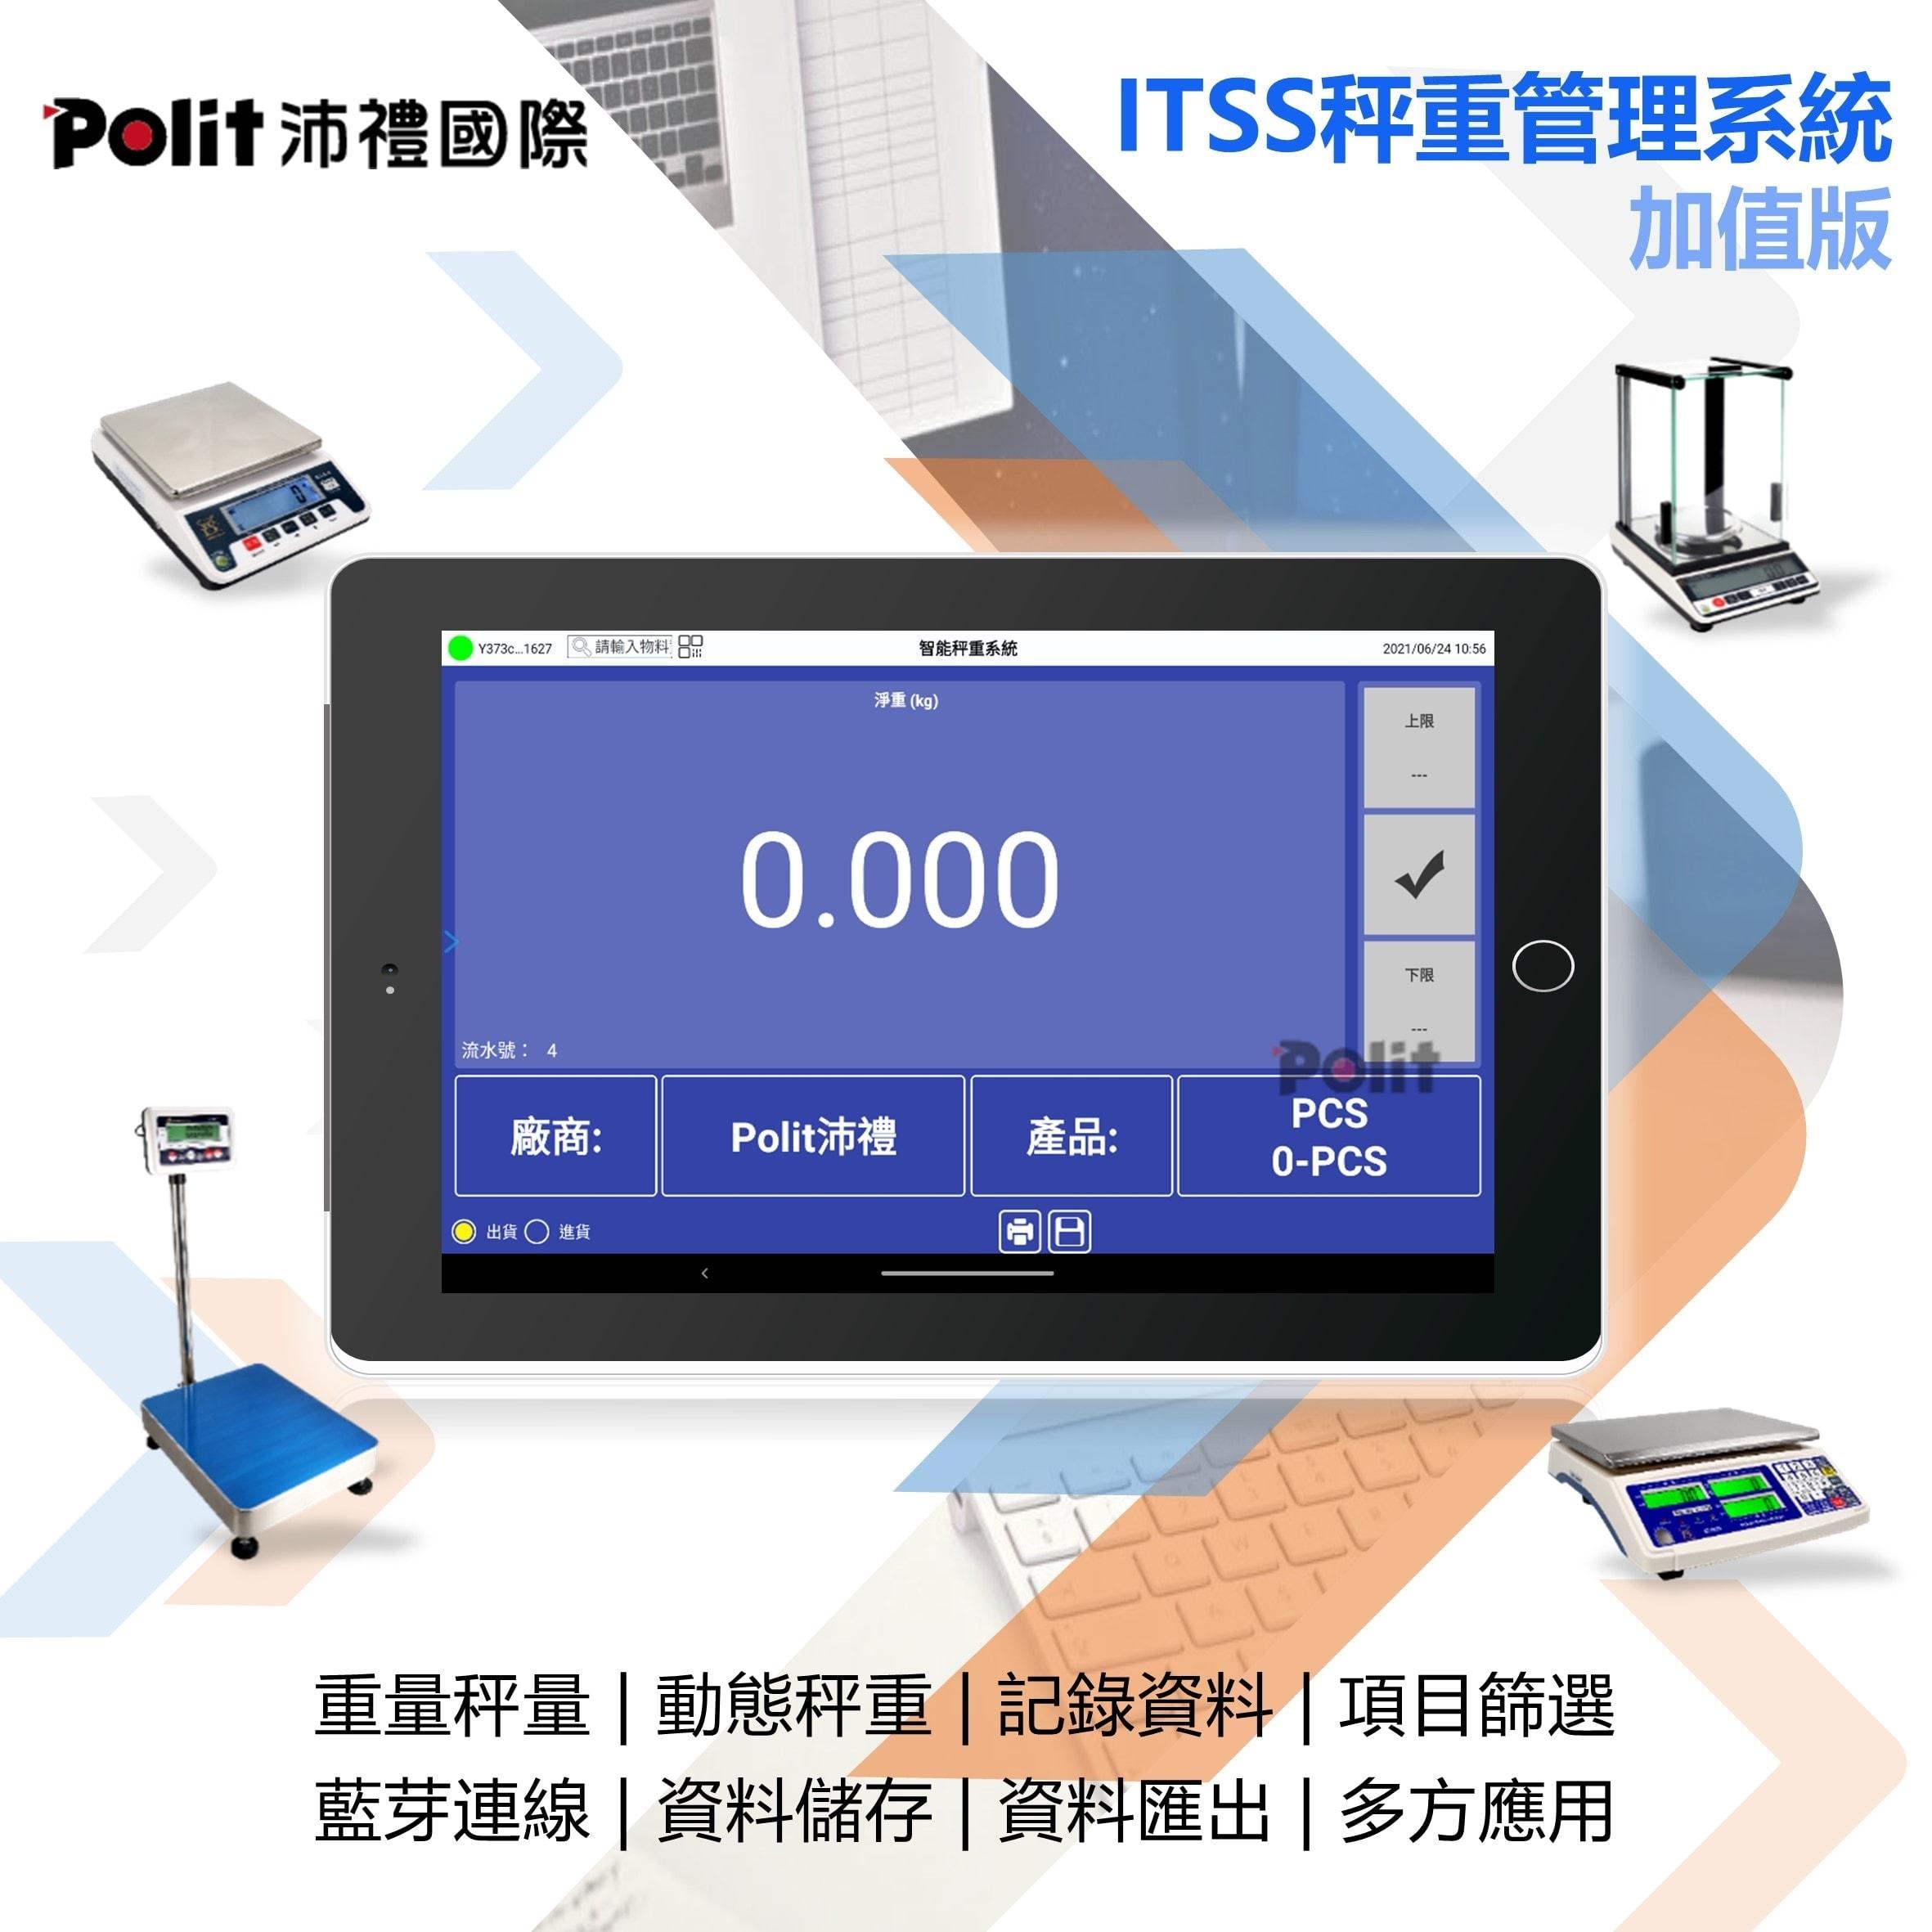 ITSS秤重管理系統 | 沛禮國際 Polit 電子秤專賣